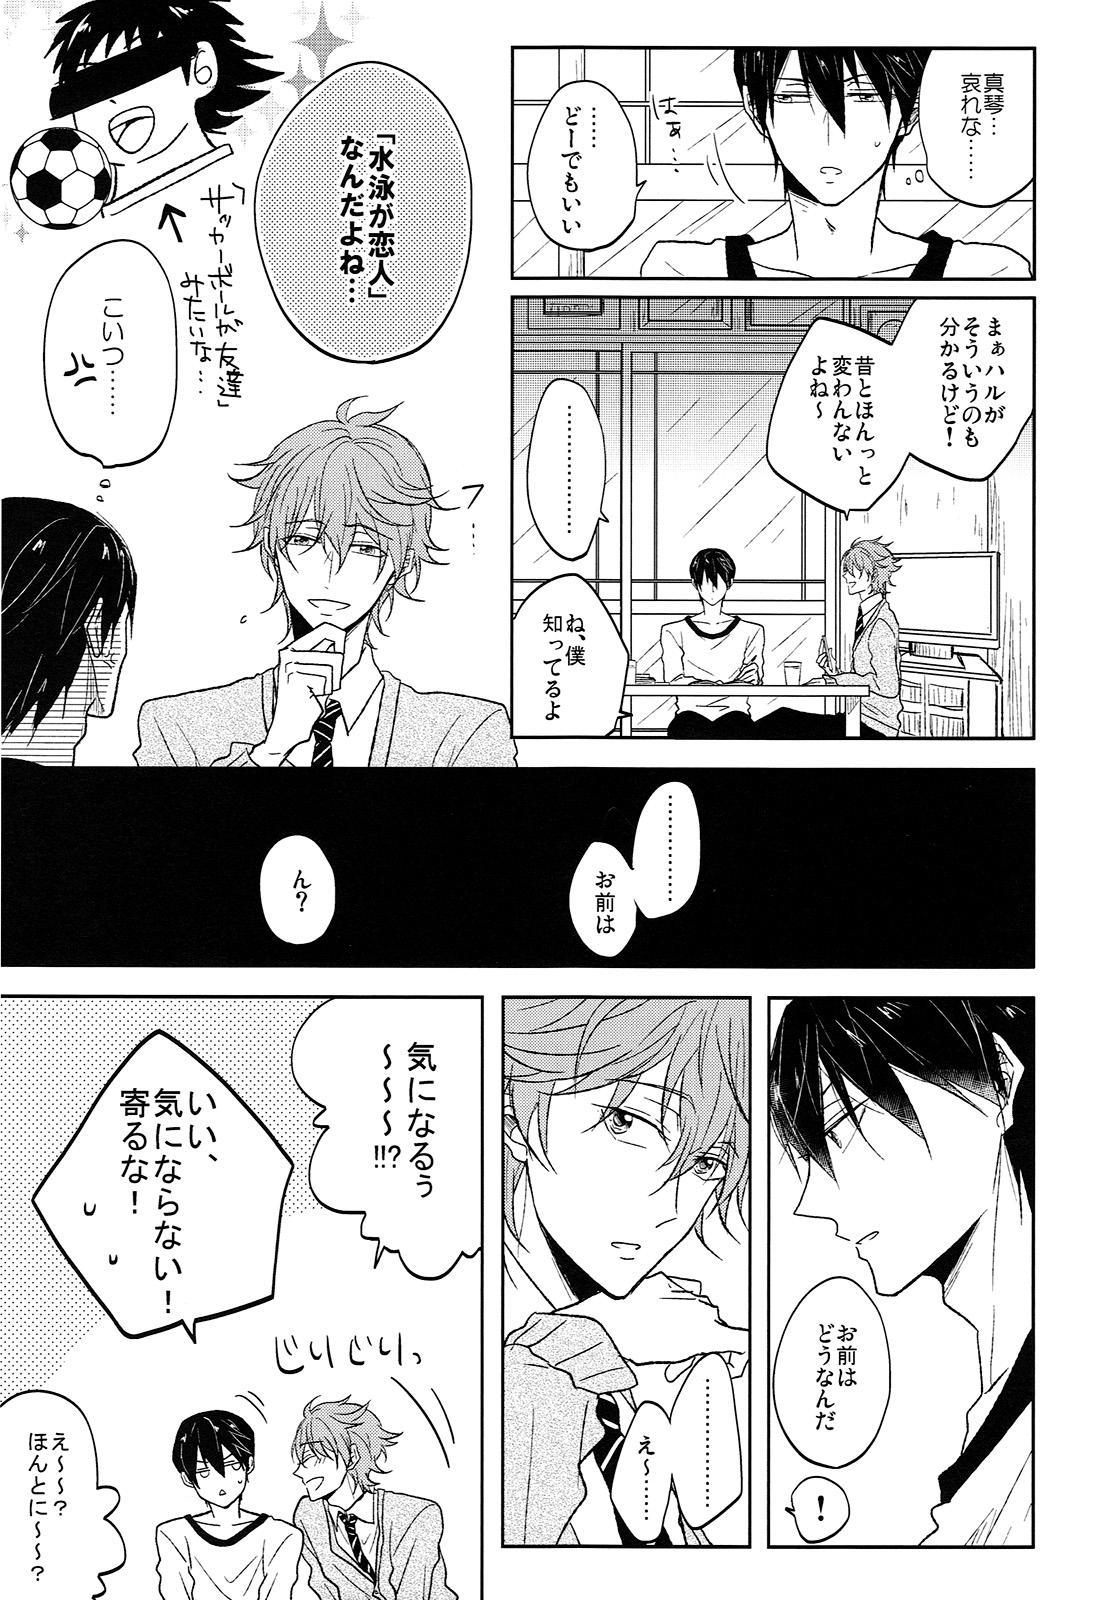 Hizamazuite nyan to nake 5